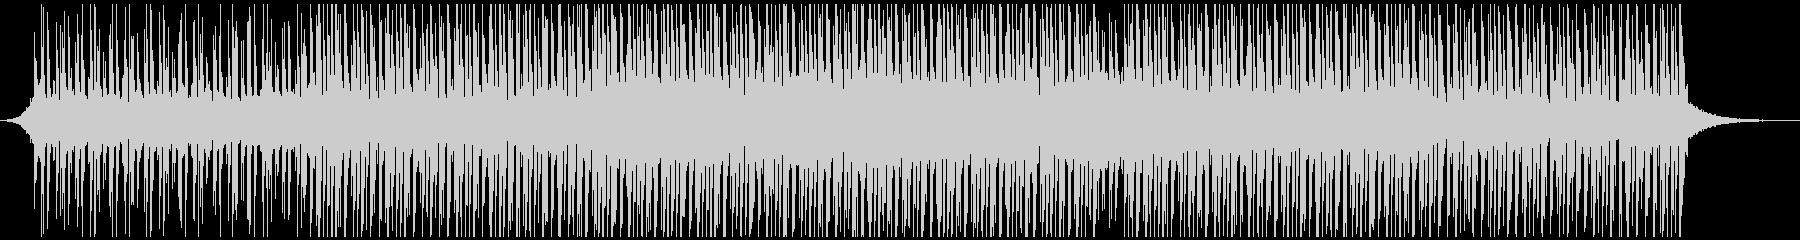 ハッピーアップビート(ミディアム)の未再生の波形